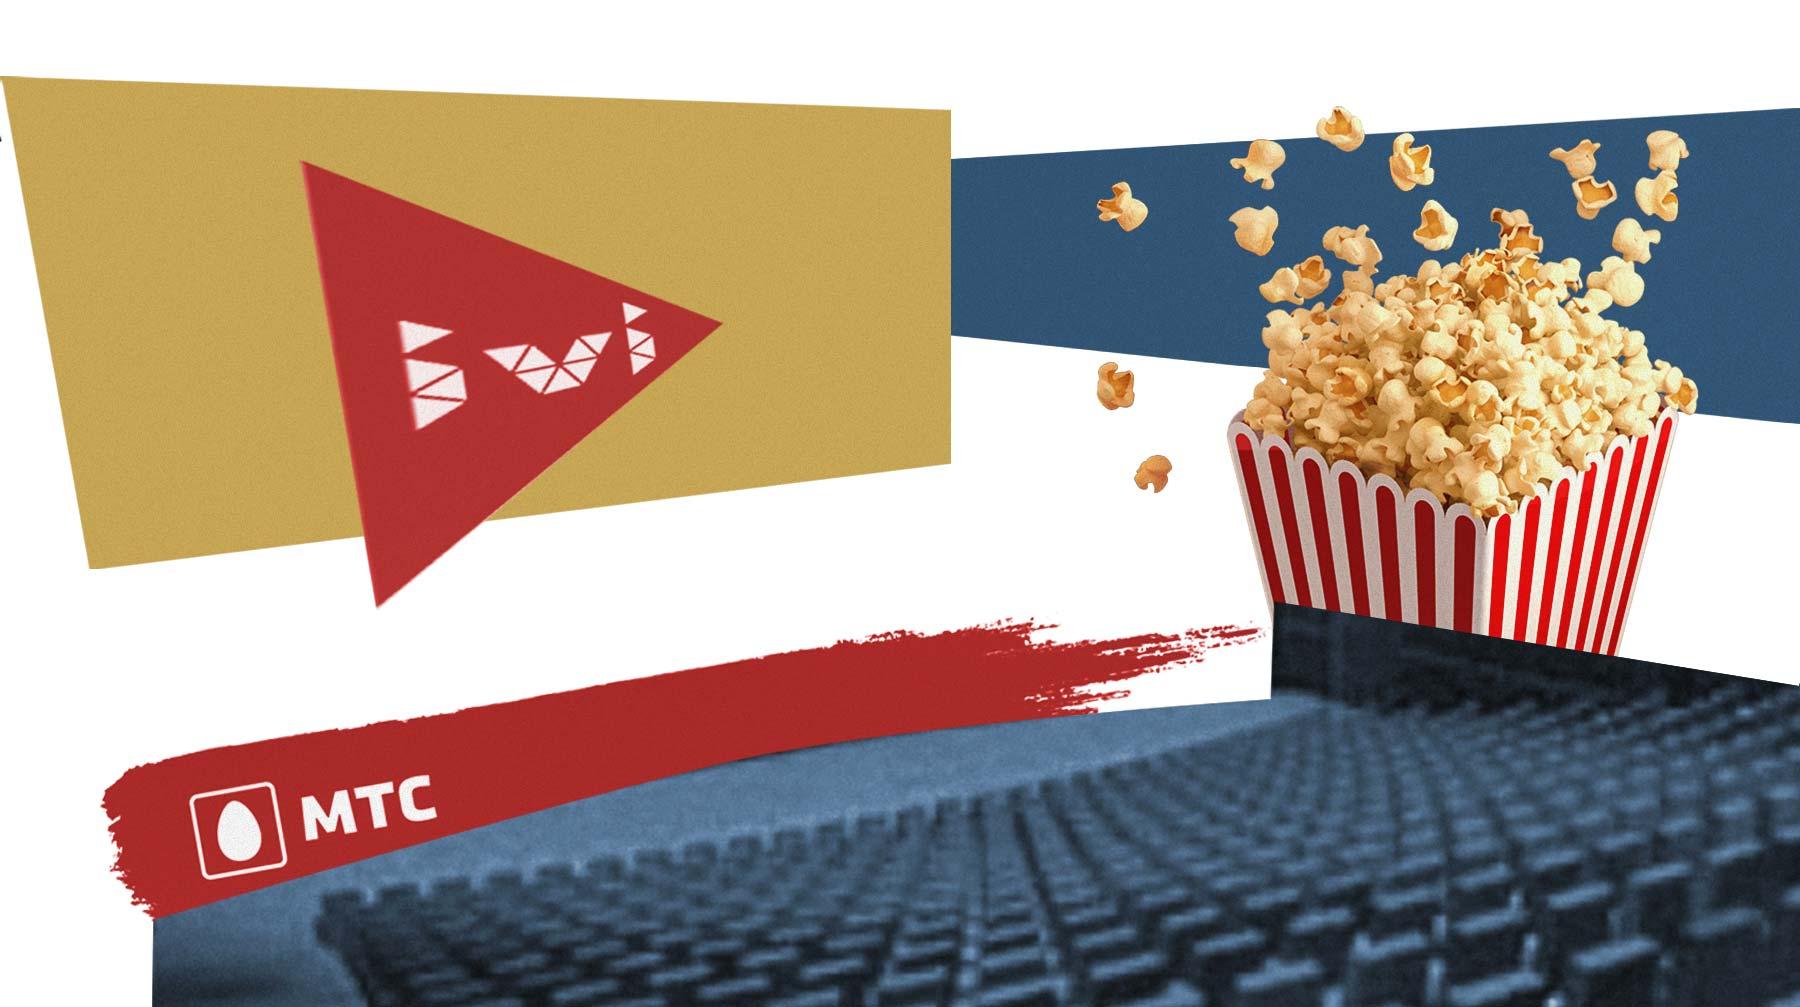 Онлайн-кинотеатры обяжут отчитываться перед государством о